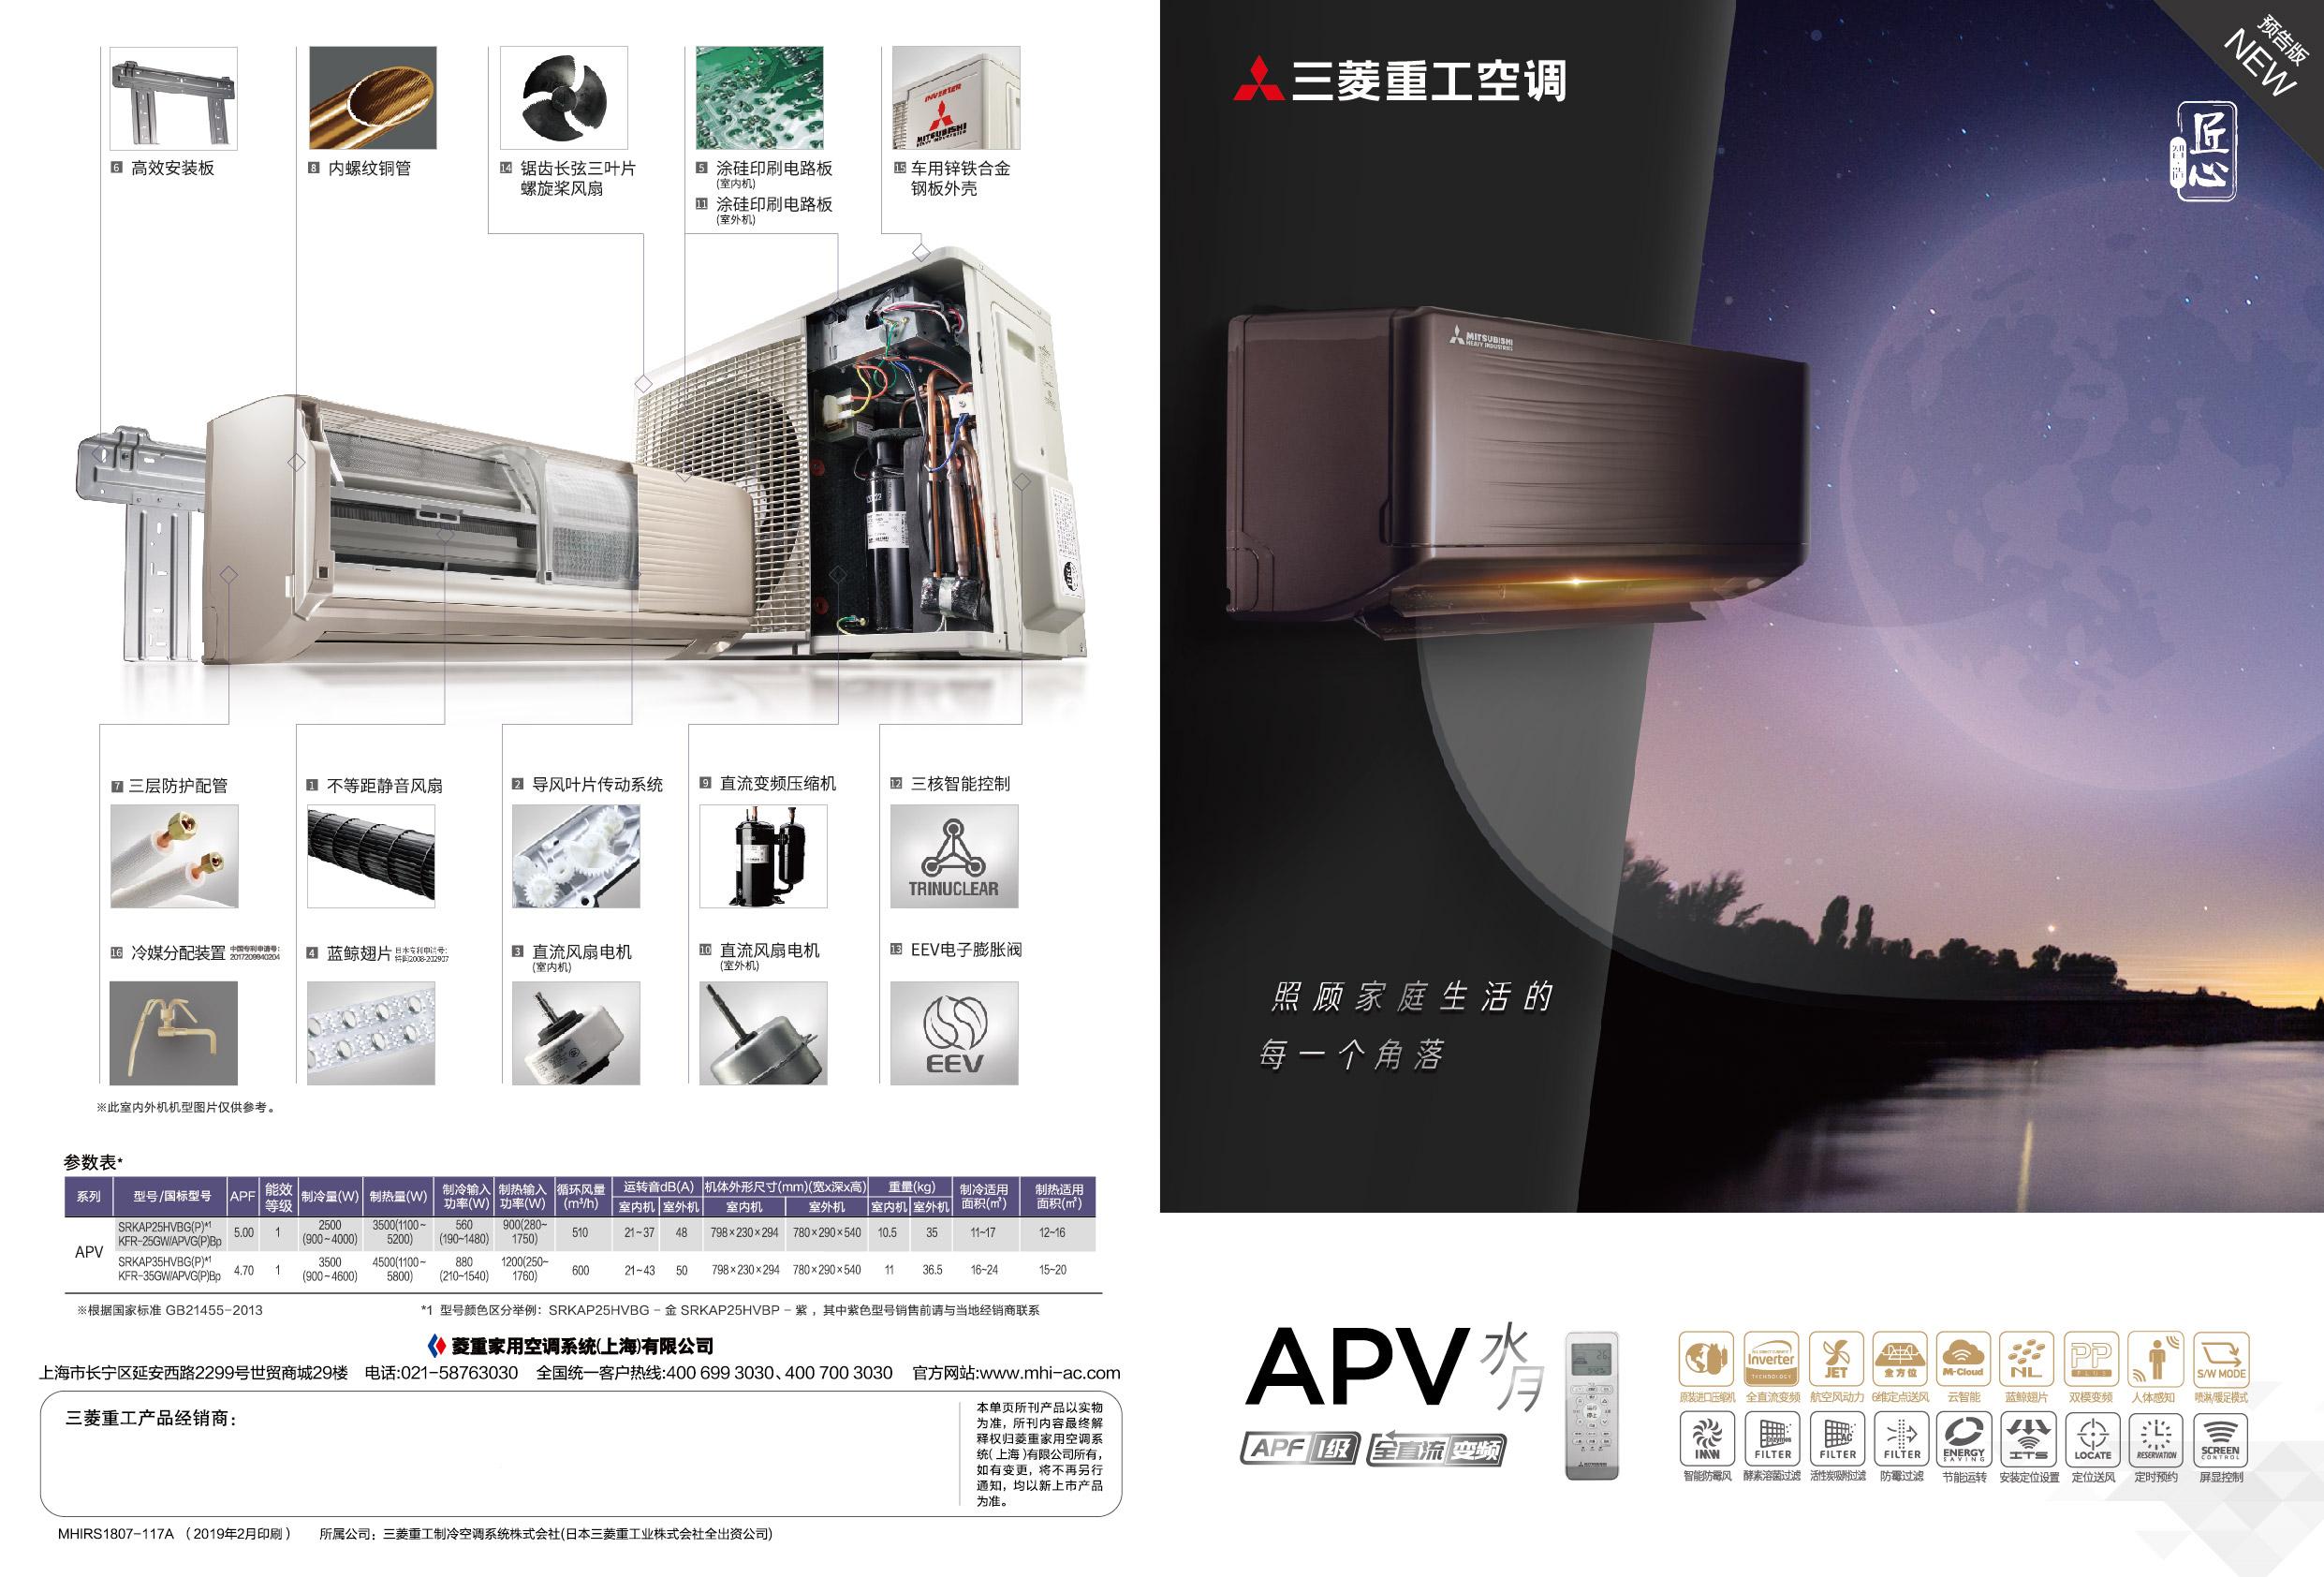 【苏宁专供】三菱重工空调 KFR-35GW/MPVWBp